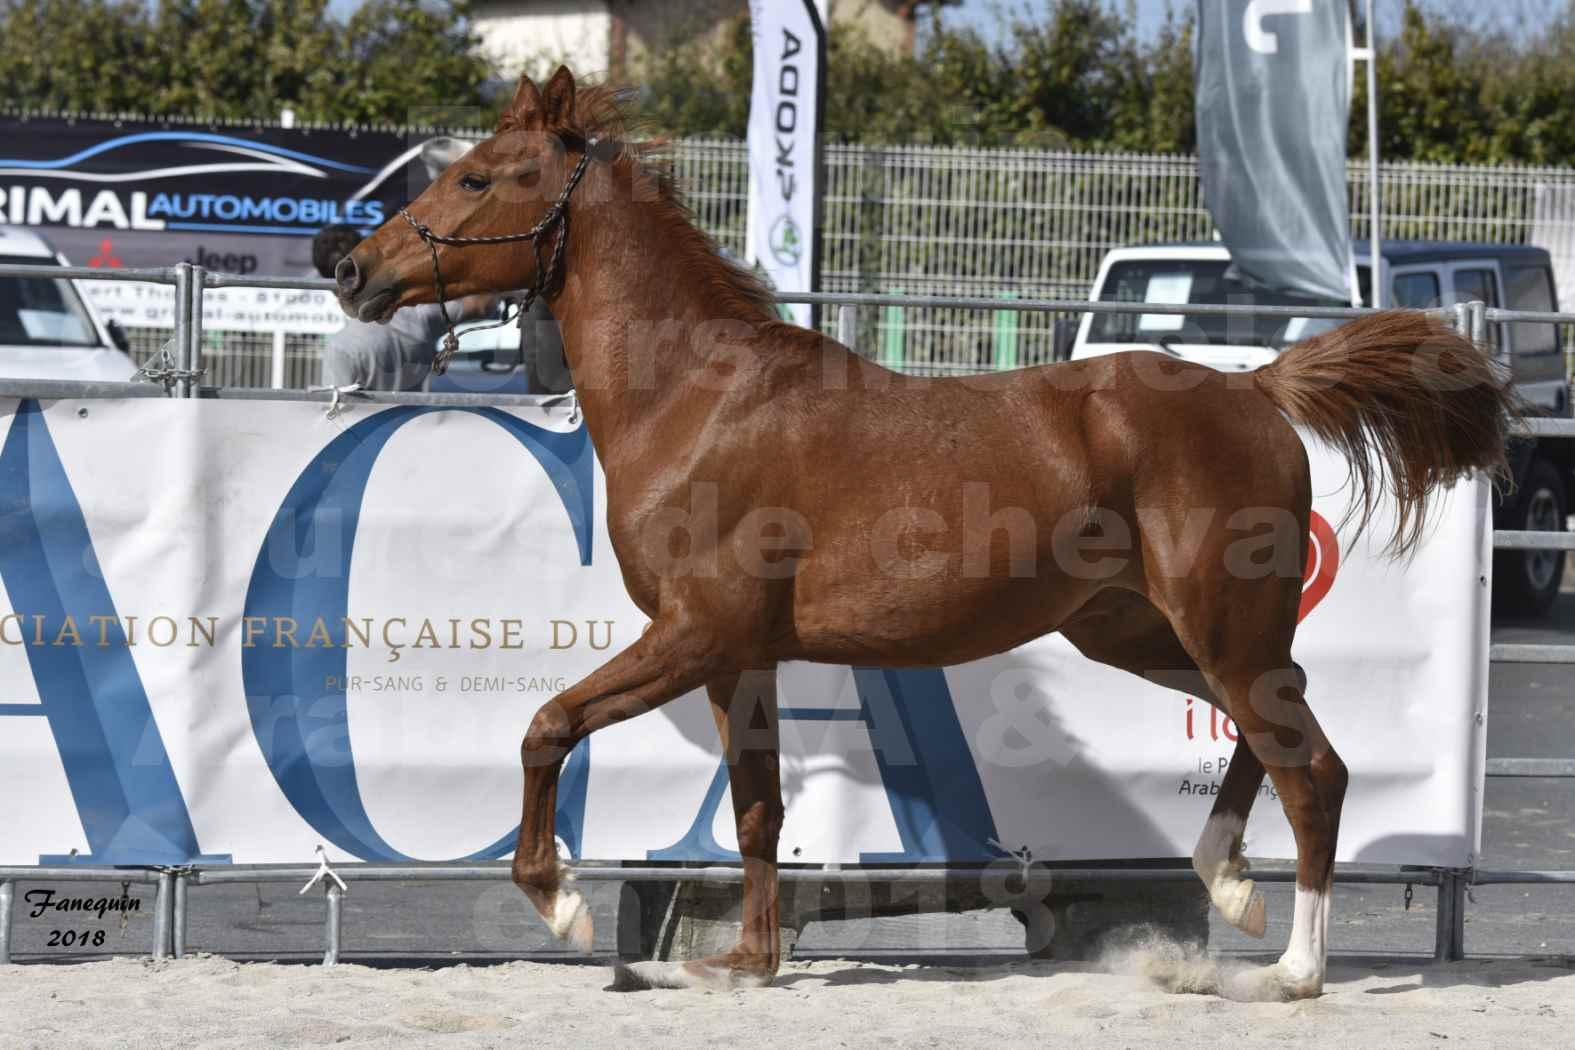 Concours d'élevage de Chevaux Arabes - D. S. A. - A. A. - ALBI les 6 & 7 Avril 2018 - GRIOU DU GRIOU - Notre Sélection - 7